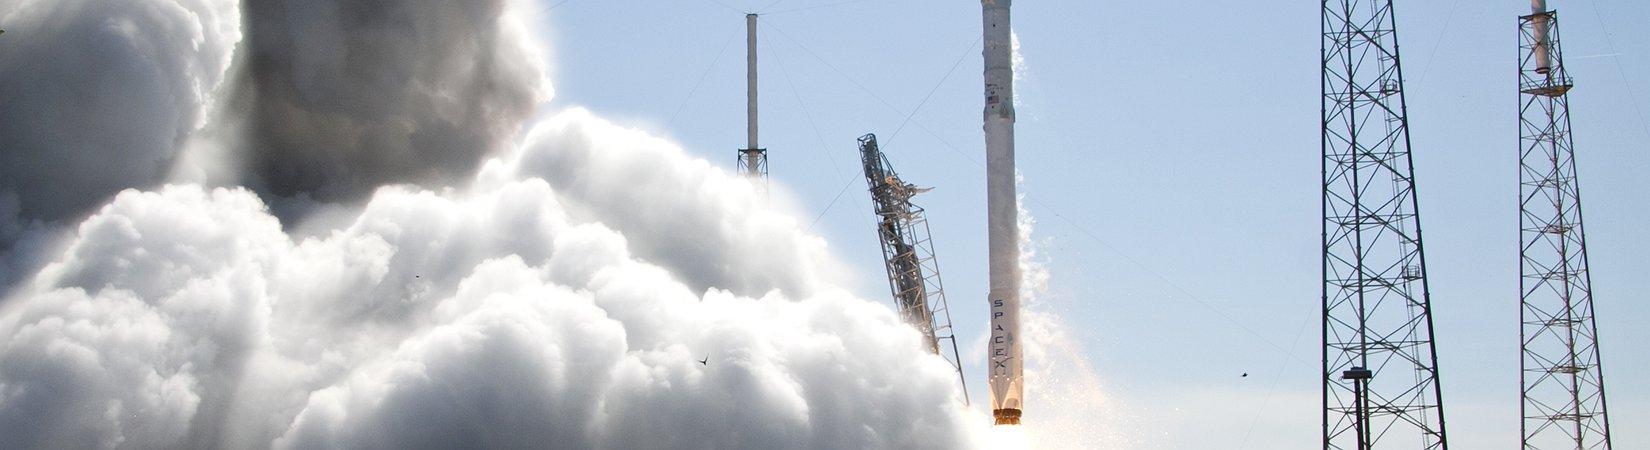 SpaceX займется доставкой человеческого праха в космос